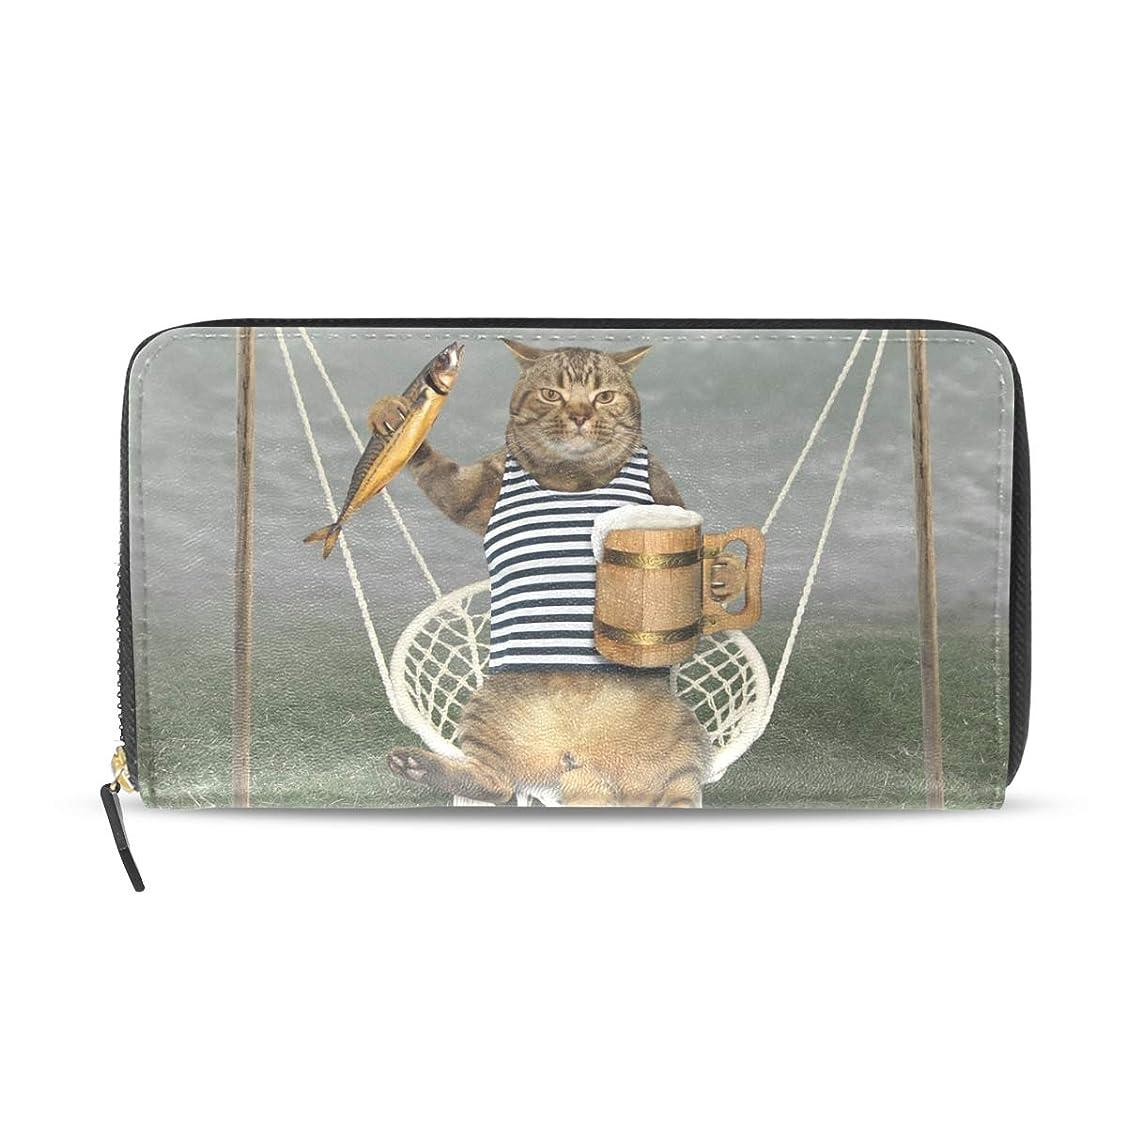 シェトランド諸島かまど敵AOMOKI 長財布 財布 ラウンドファスナー 北欧 ギフト プレゼント PU レザー 大容量 通学 通勤 旅行 幅20*丈11cm 猫柄 魚 ビール